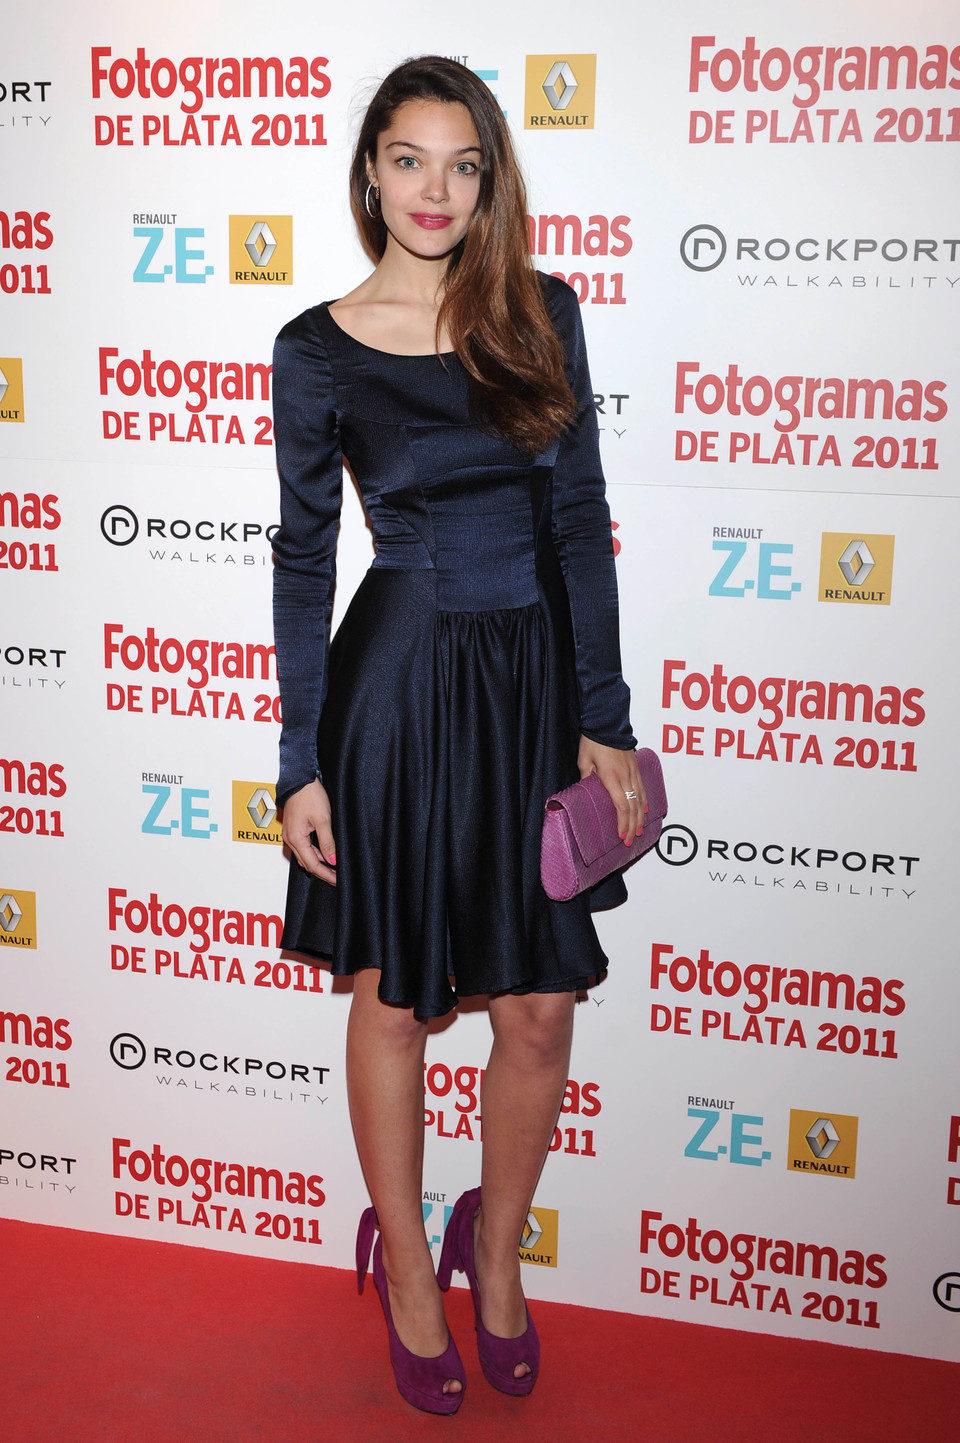 Ana Rujas en los Fotogramas de Plata 2011